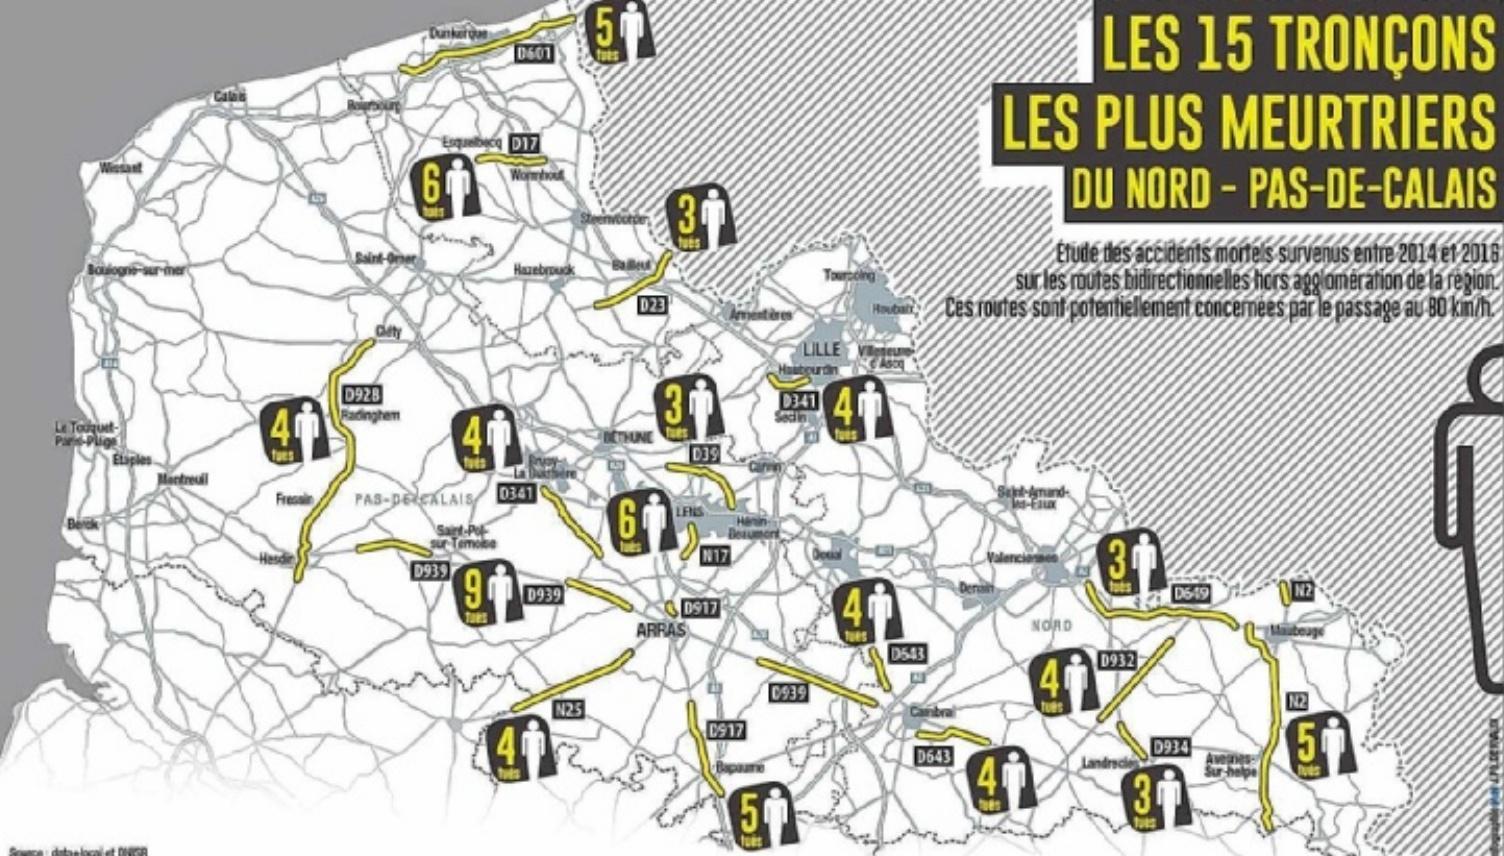 PAR BRENDAN TROADEC ET JULIEN DEPELCHIN,region@lavoixdunord.fr